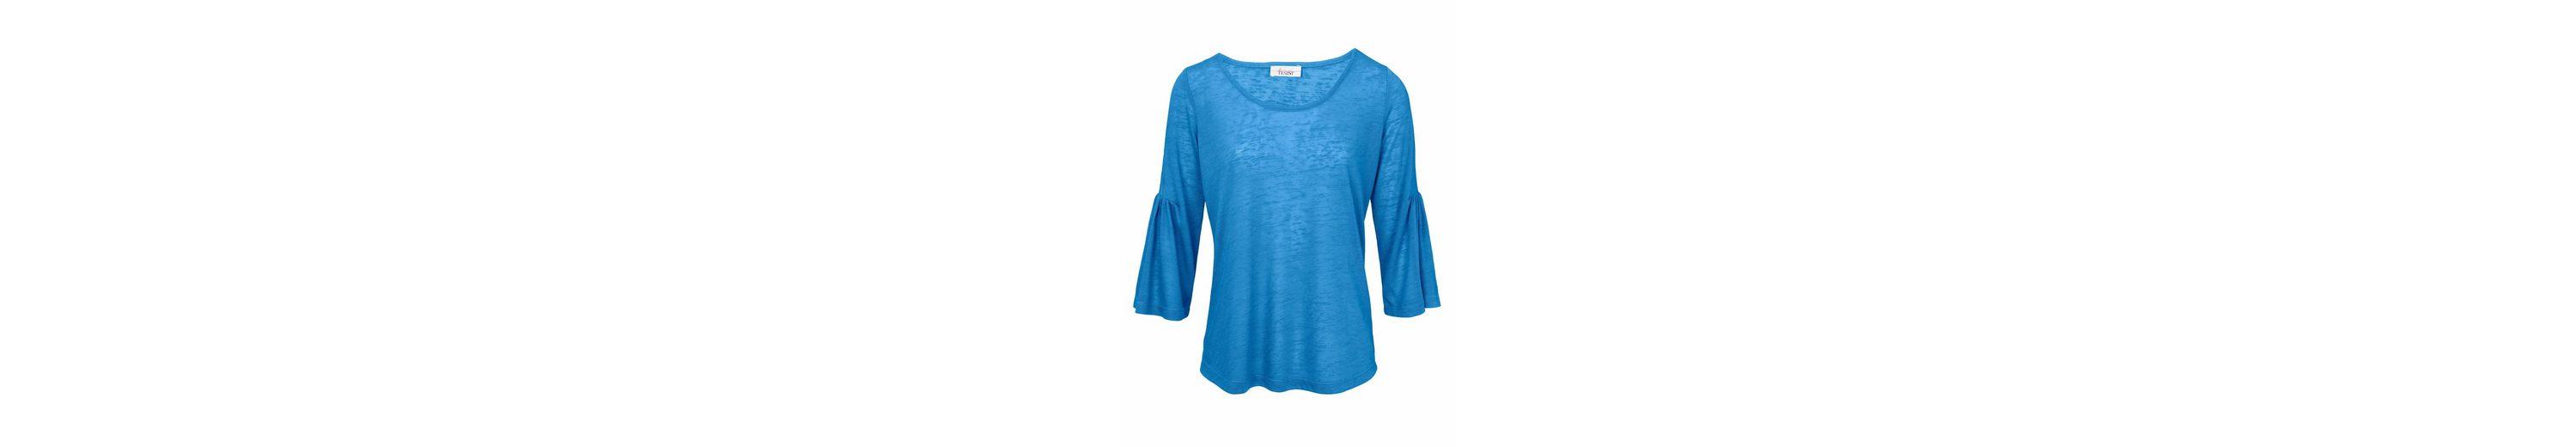 Kaufen Angebot Billig Einkaufen LINEA TESINI by Heine Shirt mit Volant Freies Verschiffen Günstig Online sRO68